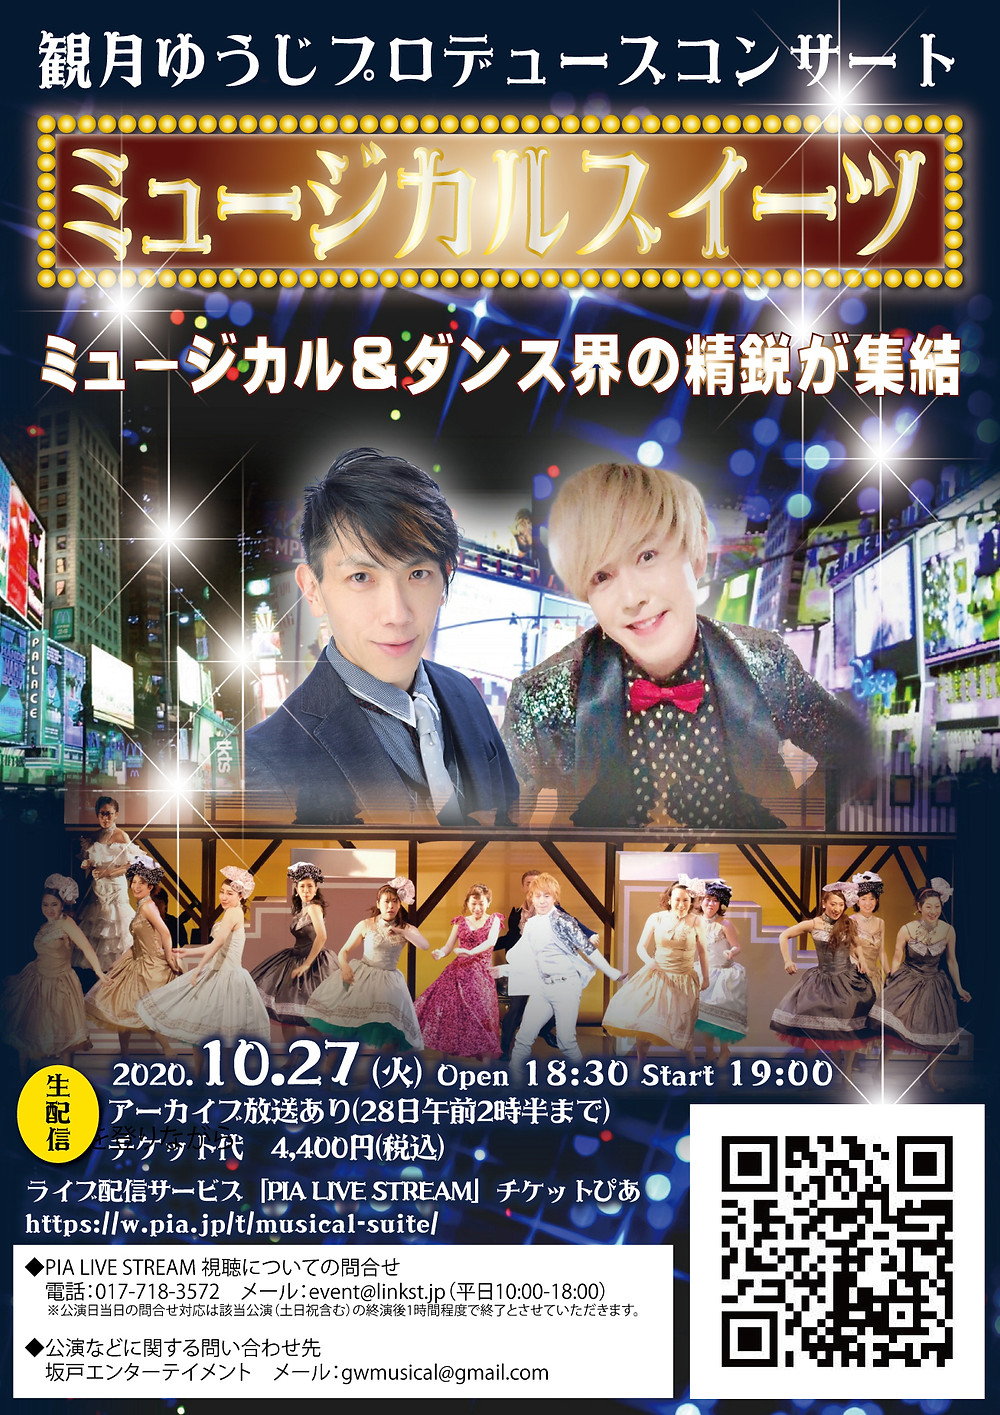 【動画配信】観月ゆうじプロデュースコンサート『ミュージカルスイーツ』/2020年10月27日(火)19:00~